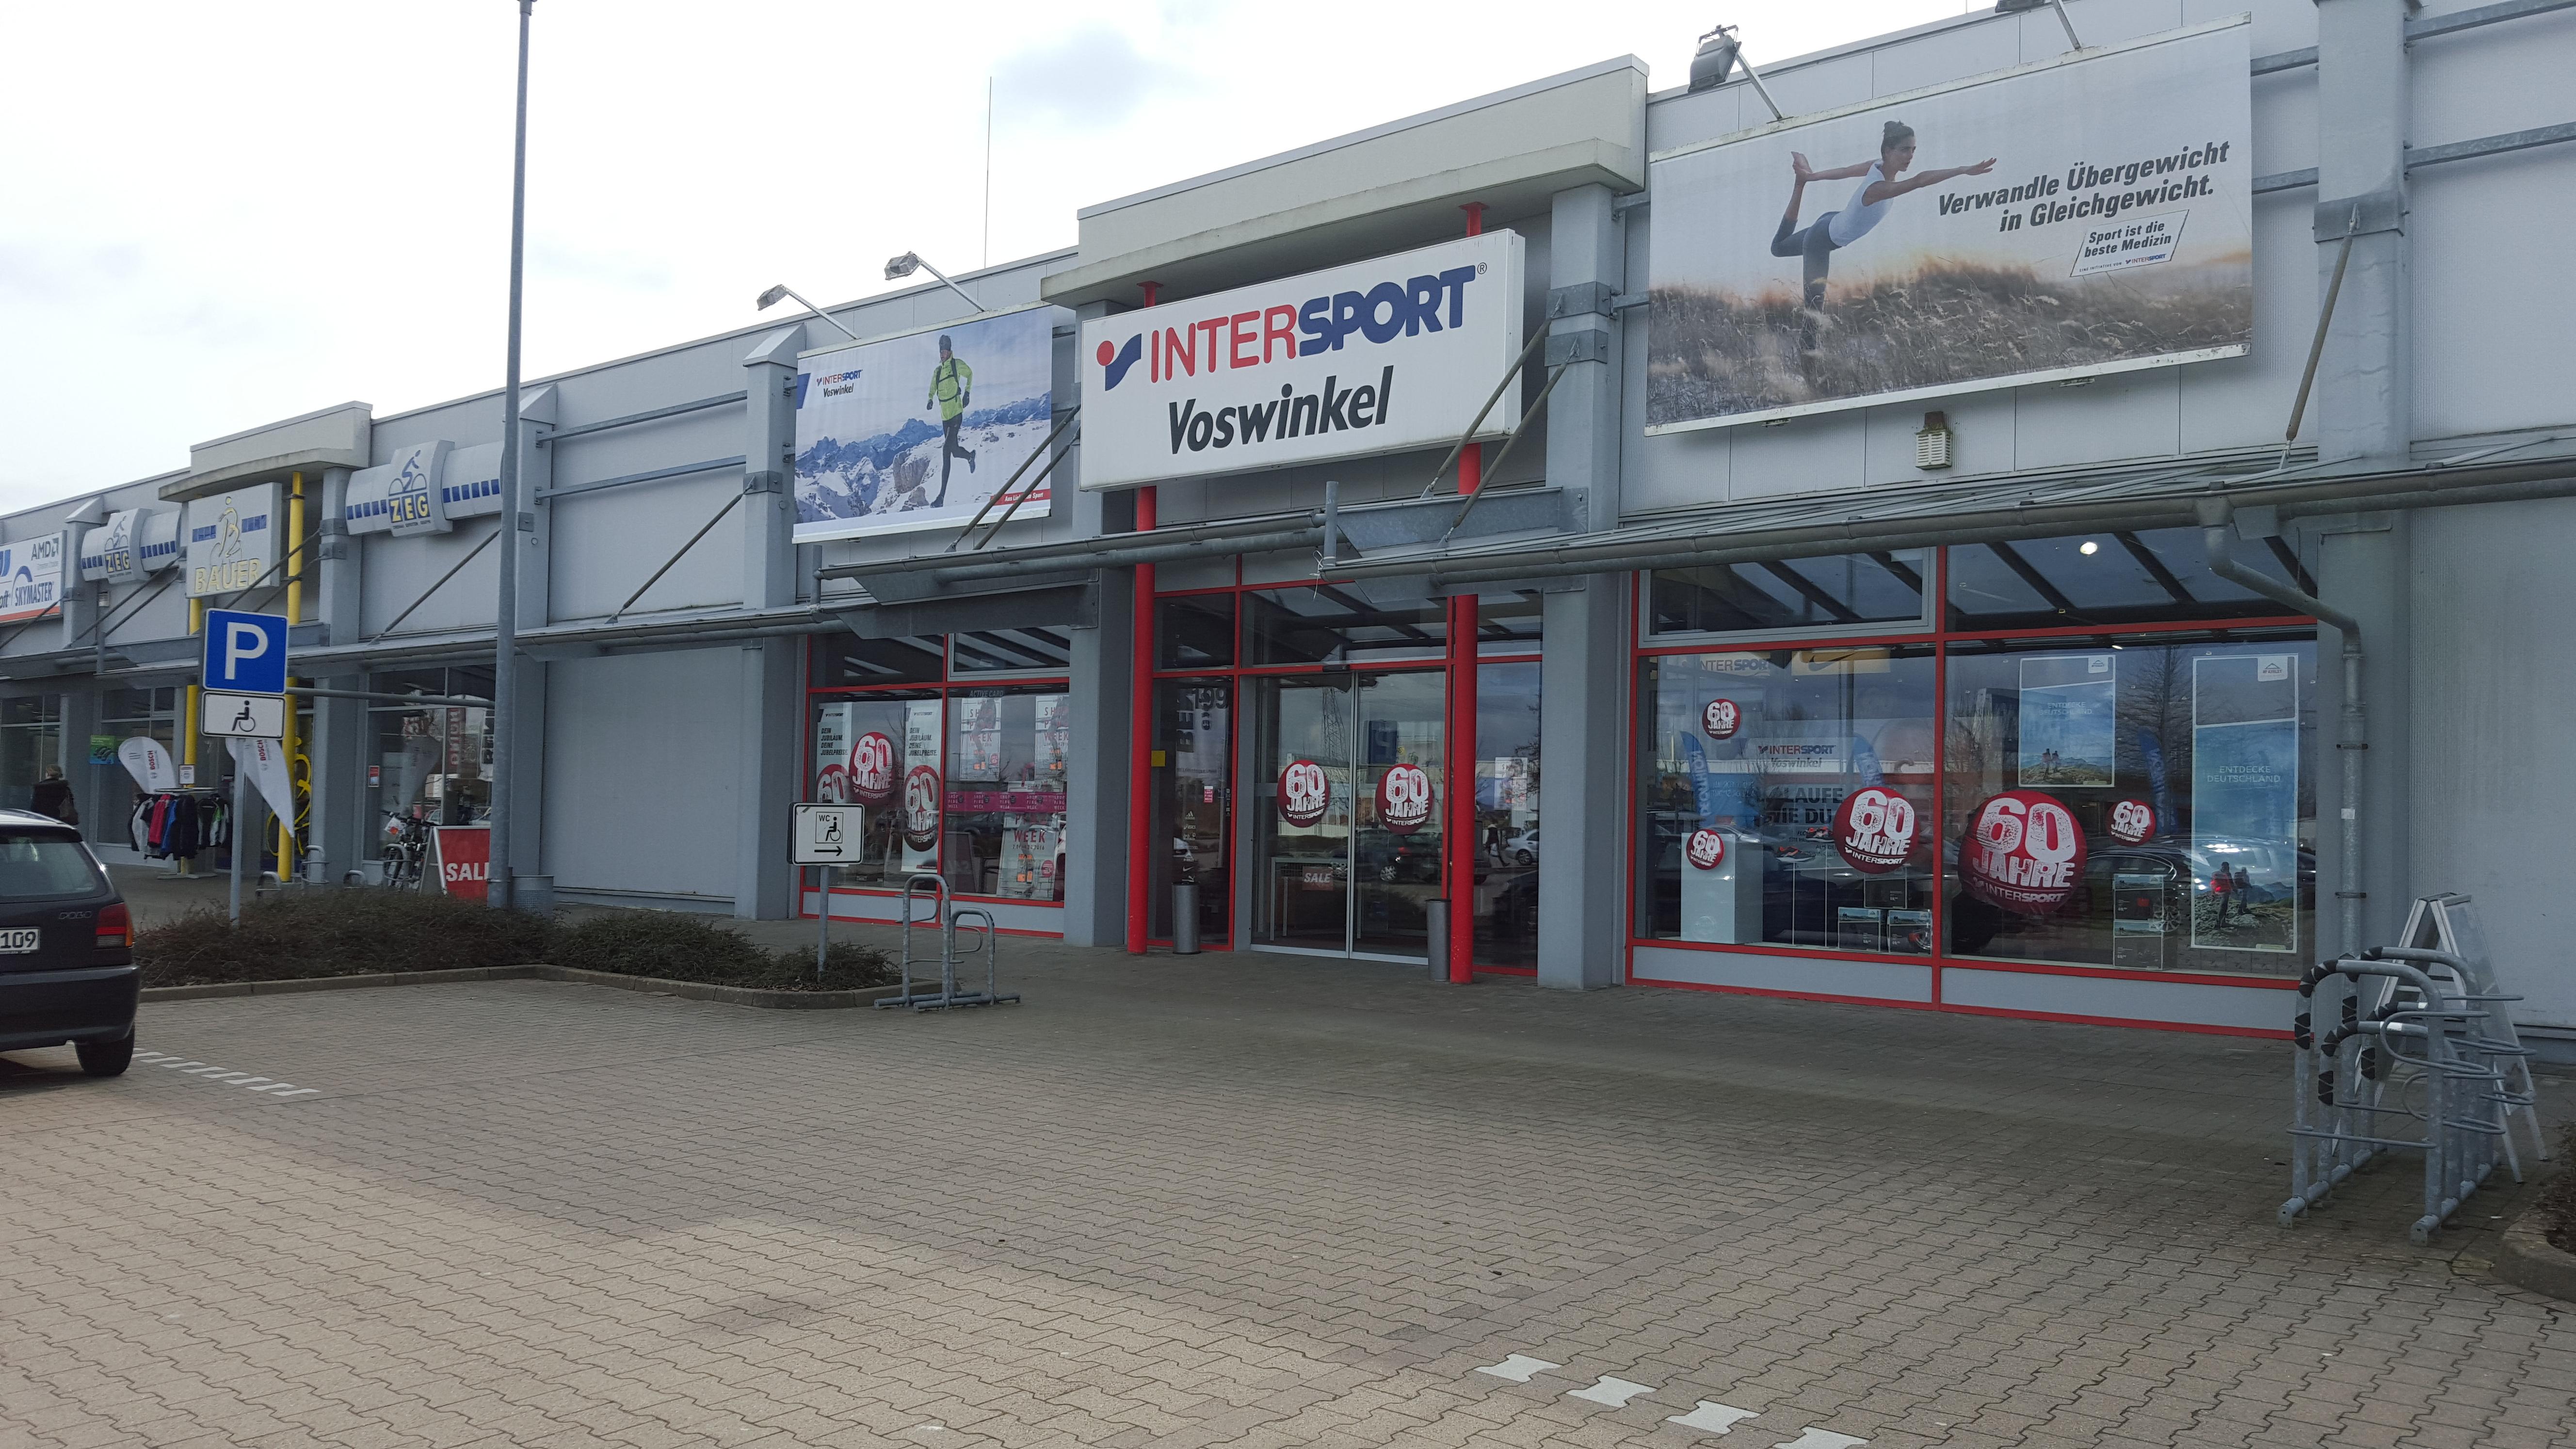 INTERSPORT Voswinkel Lune Park in 27572, Bremerhaven